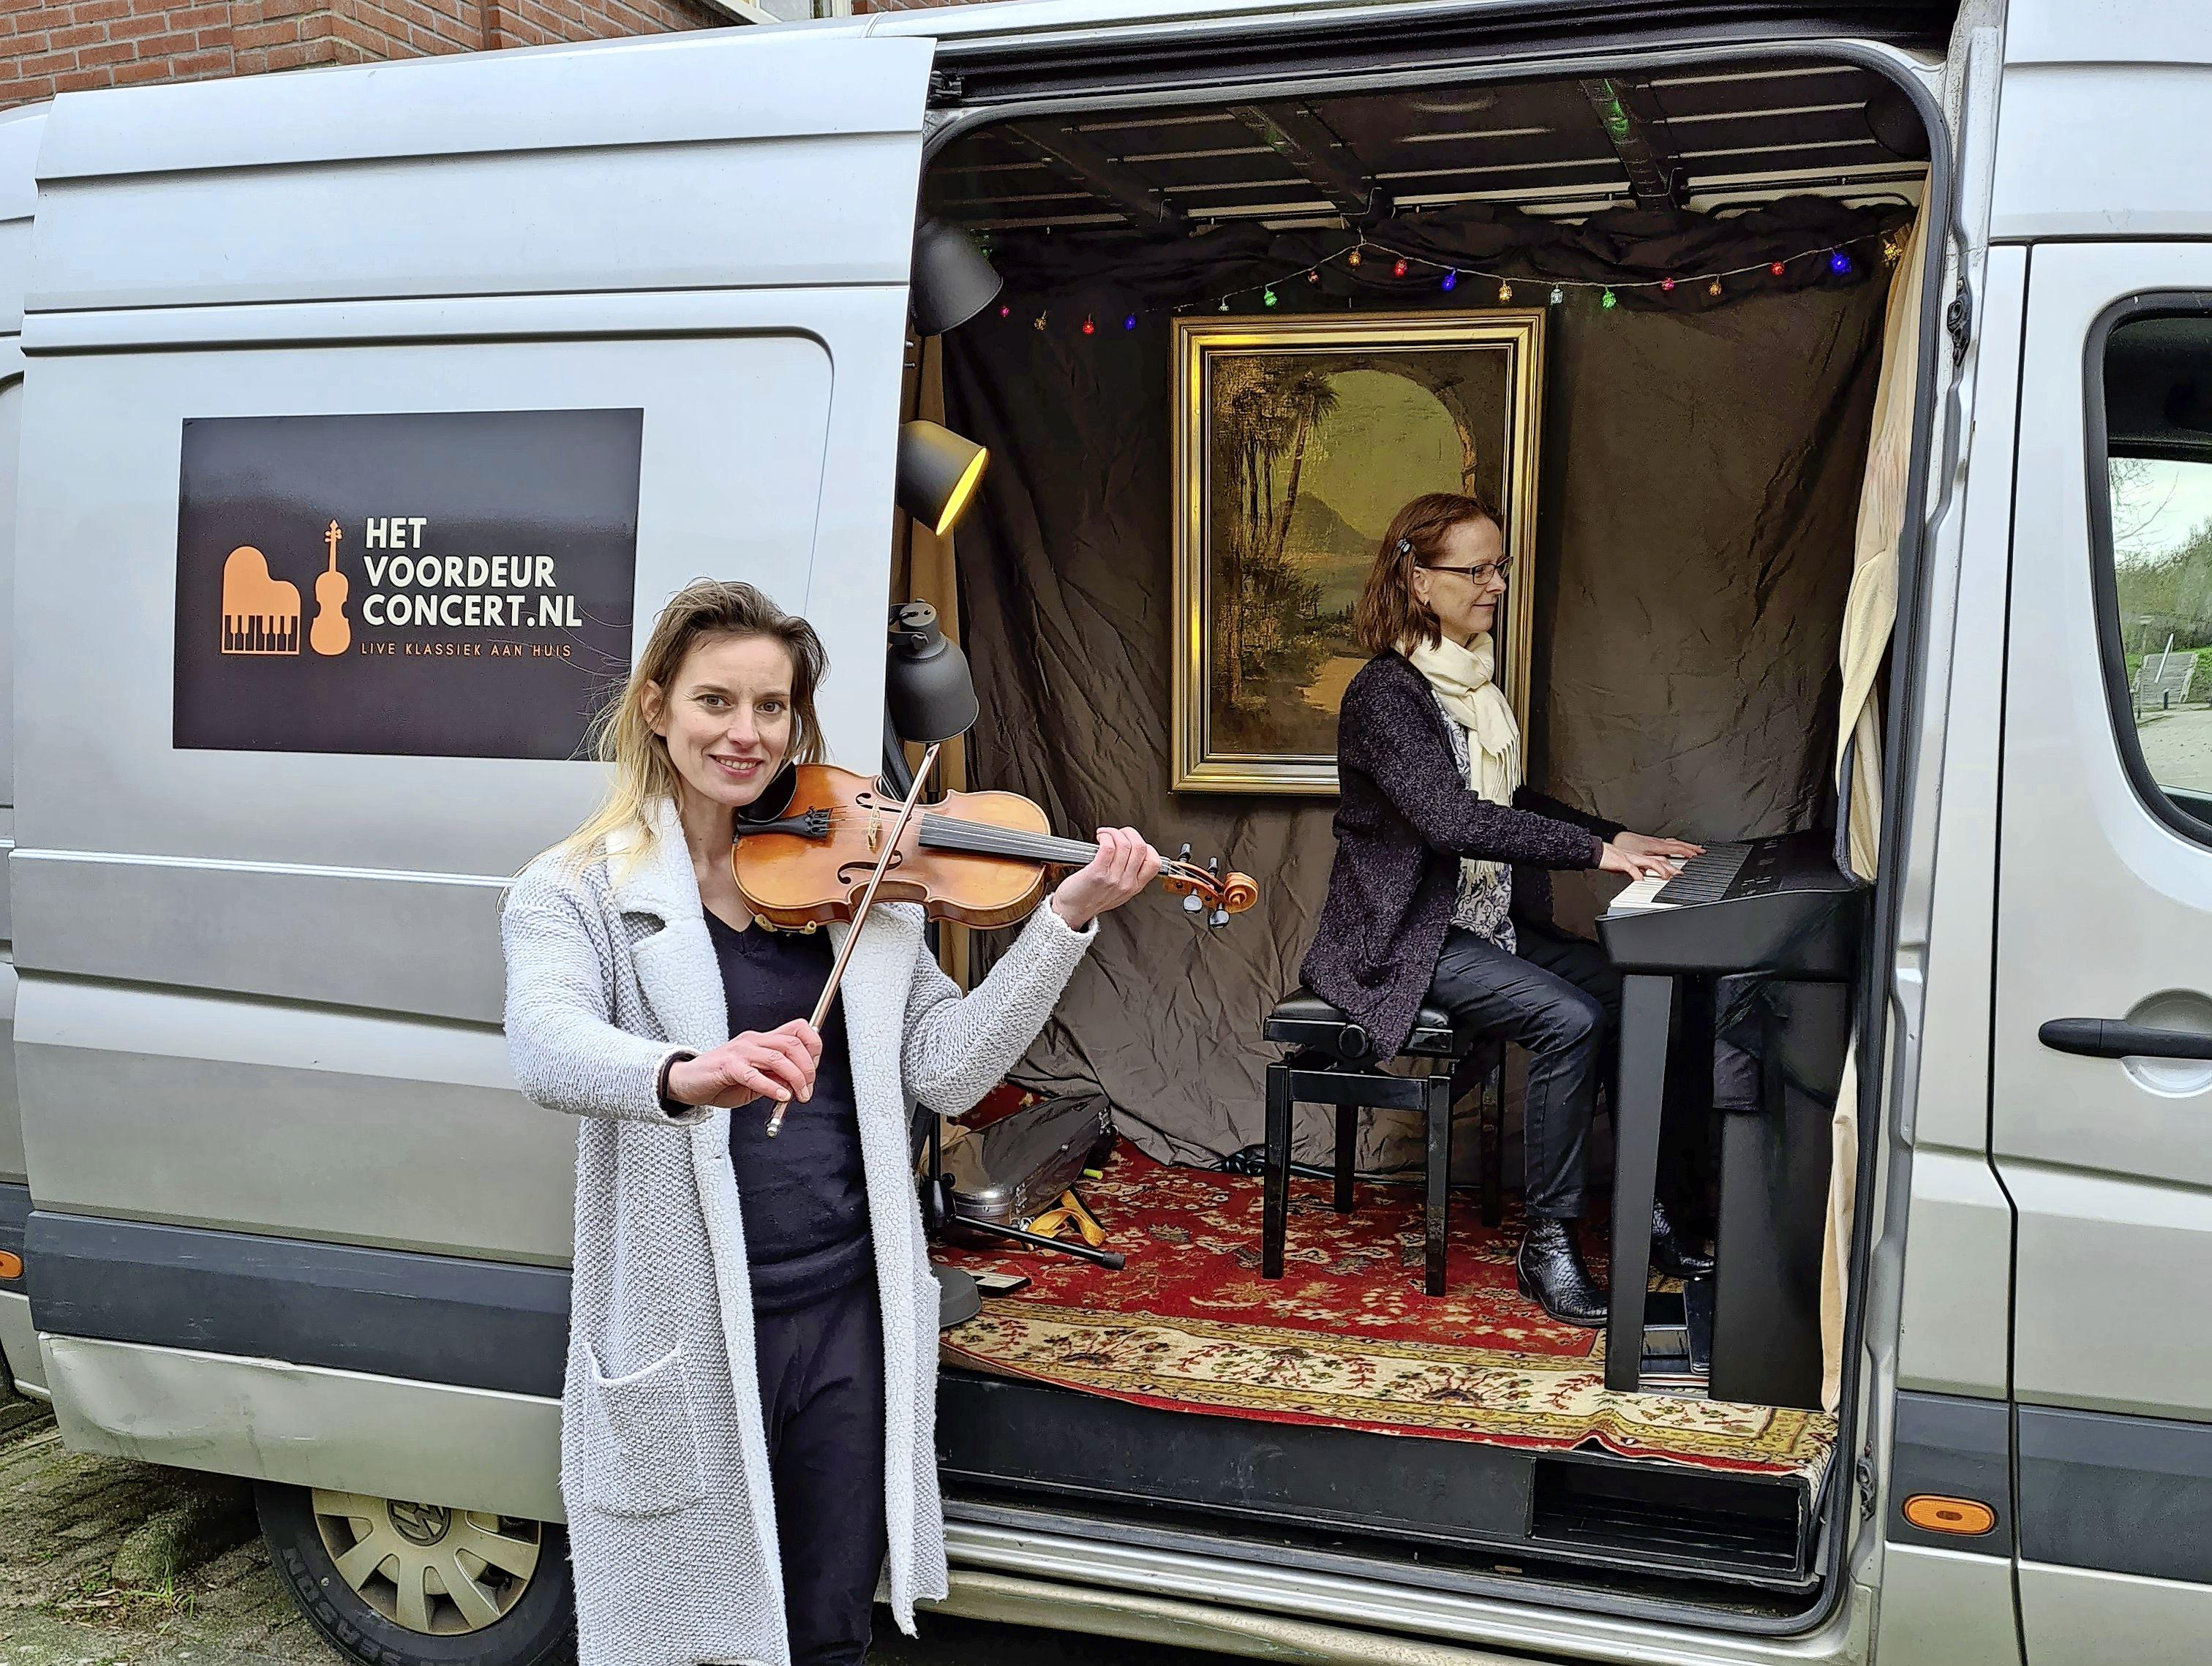 Violiste en pianiste geven concerten aan de voordeur: 'Zulke momenten zijn onbetaalbaar' [video]